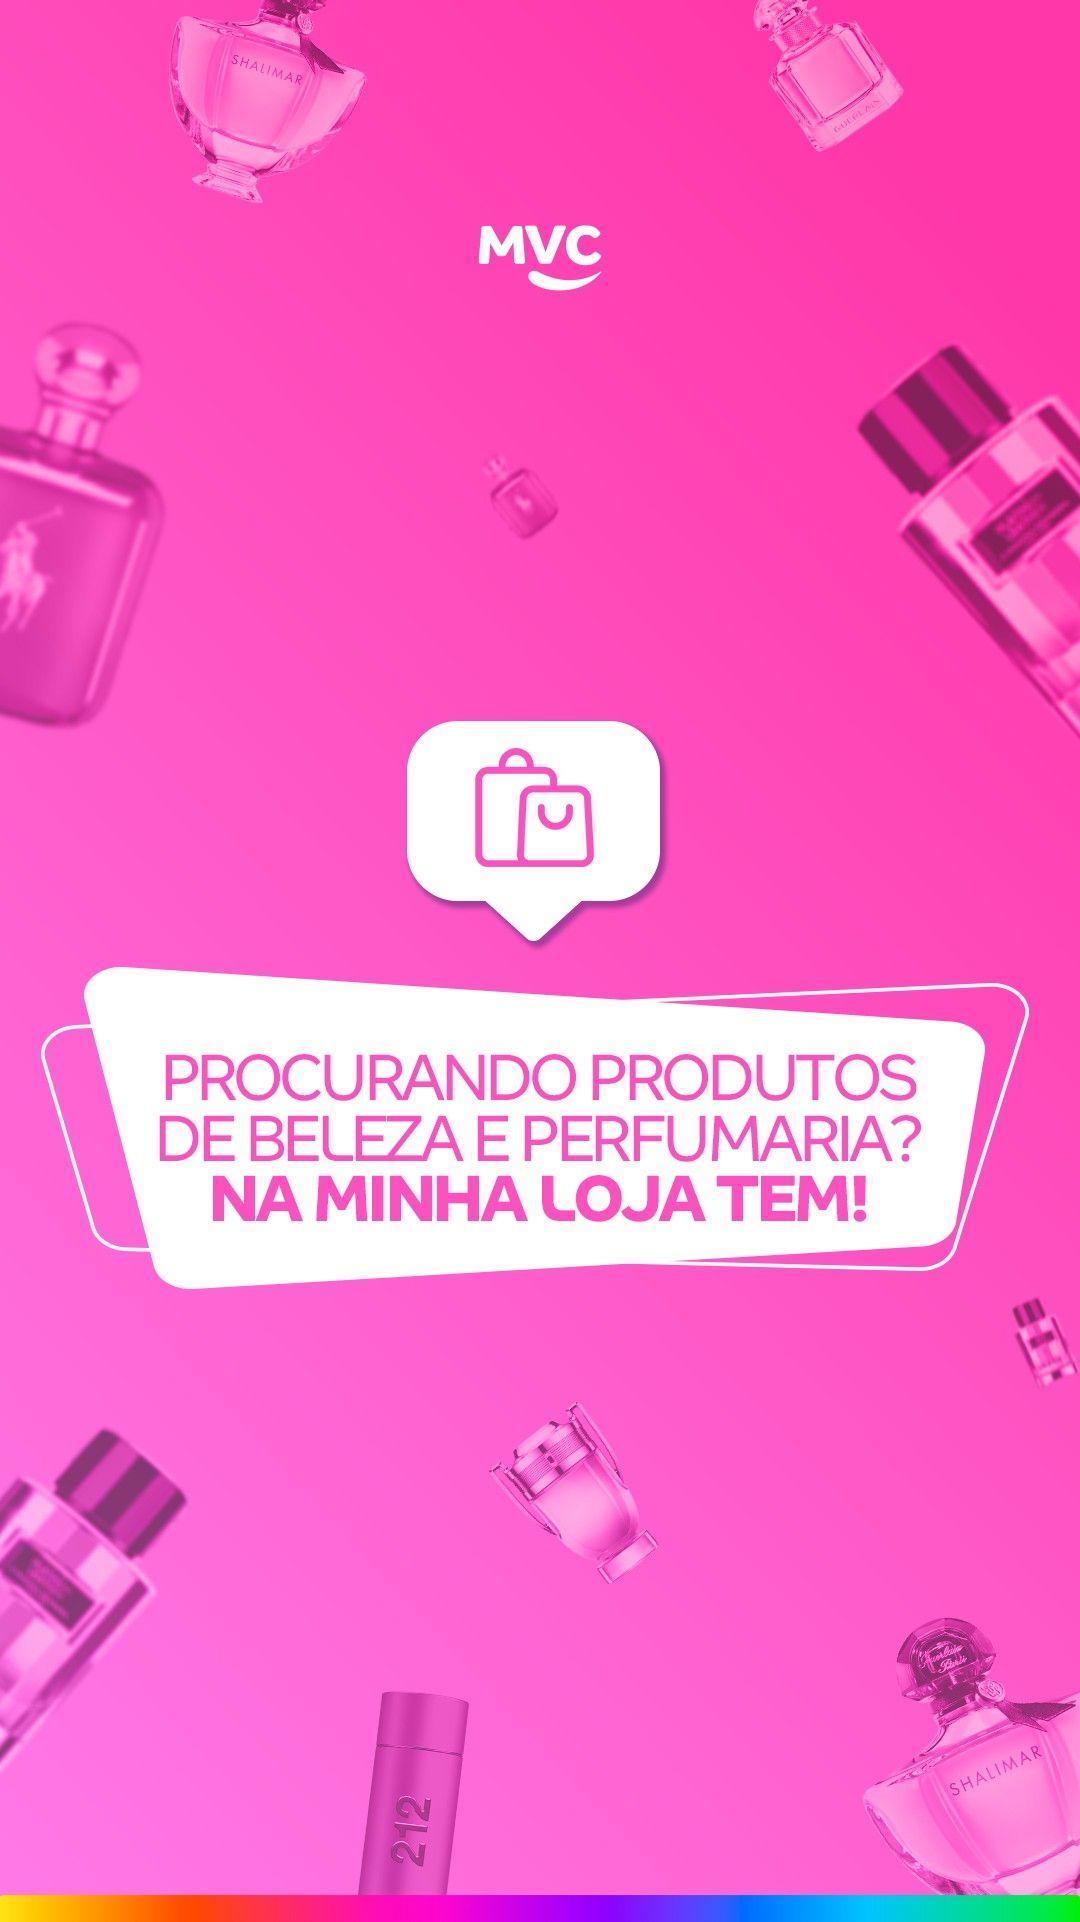 Visite o site e confira as melhores ofertas de produtos de